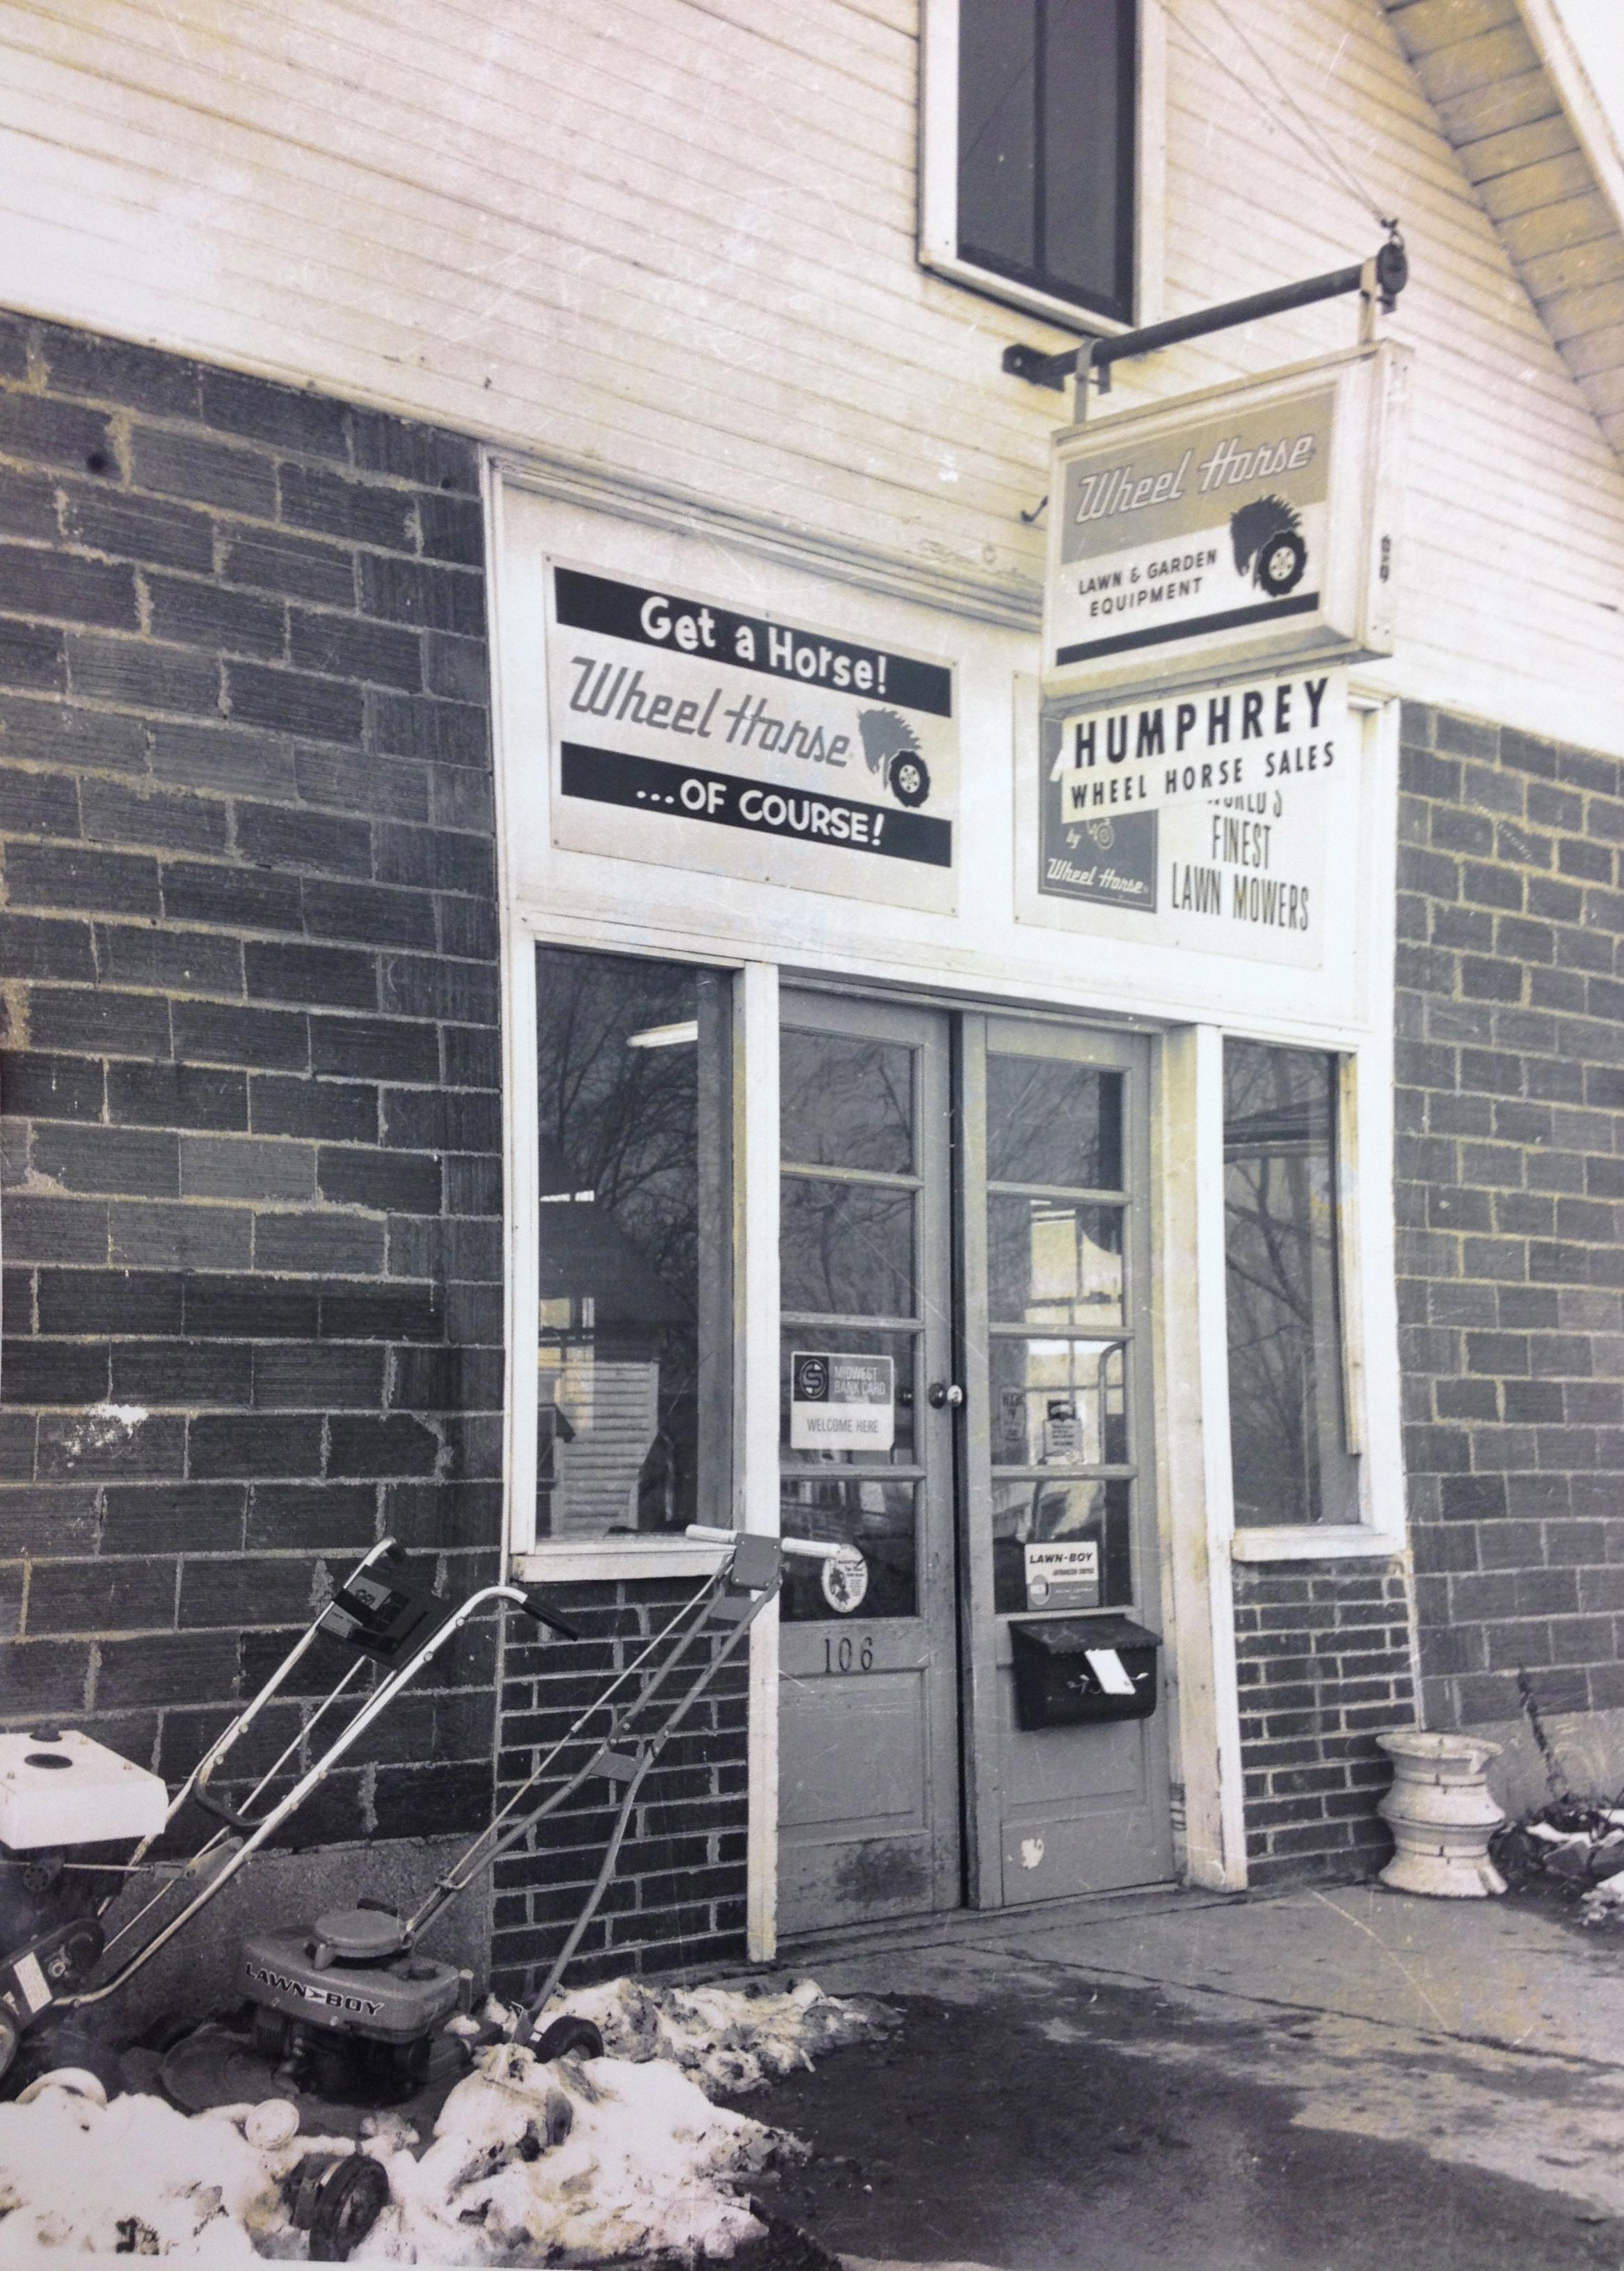 The store front at Humphreys' Wheel Horse Circa 1966